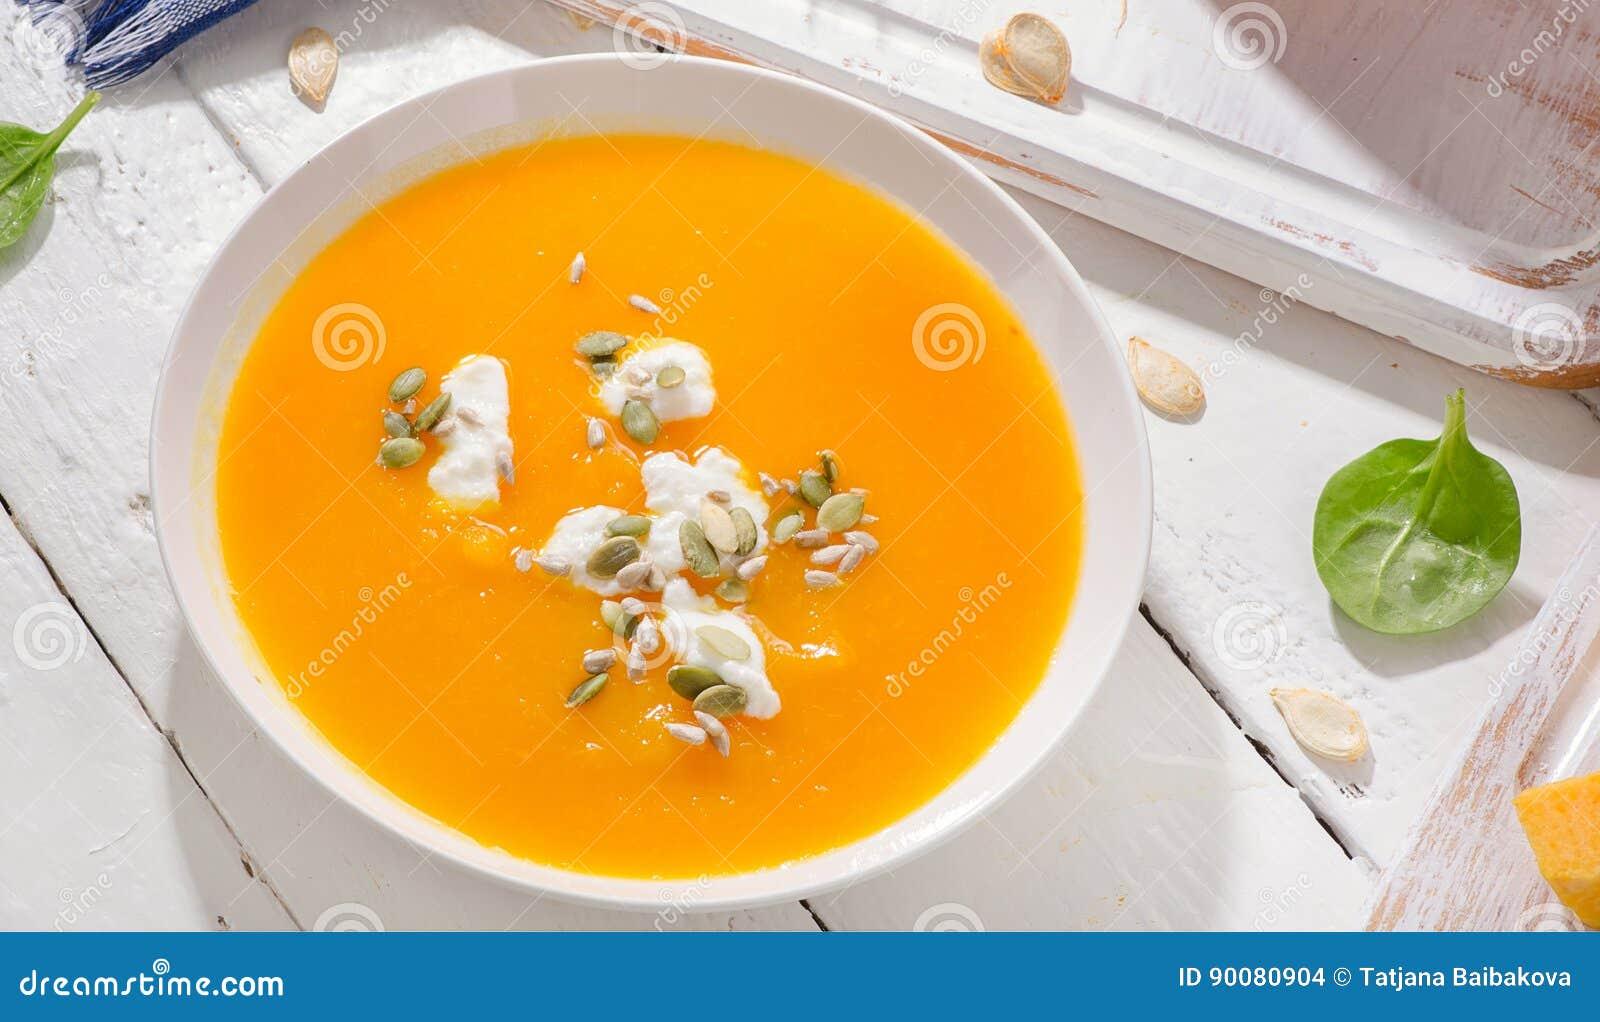 Kürbis- und Karottensuppe